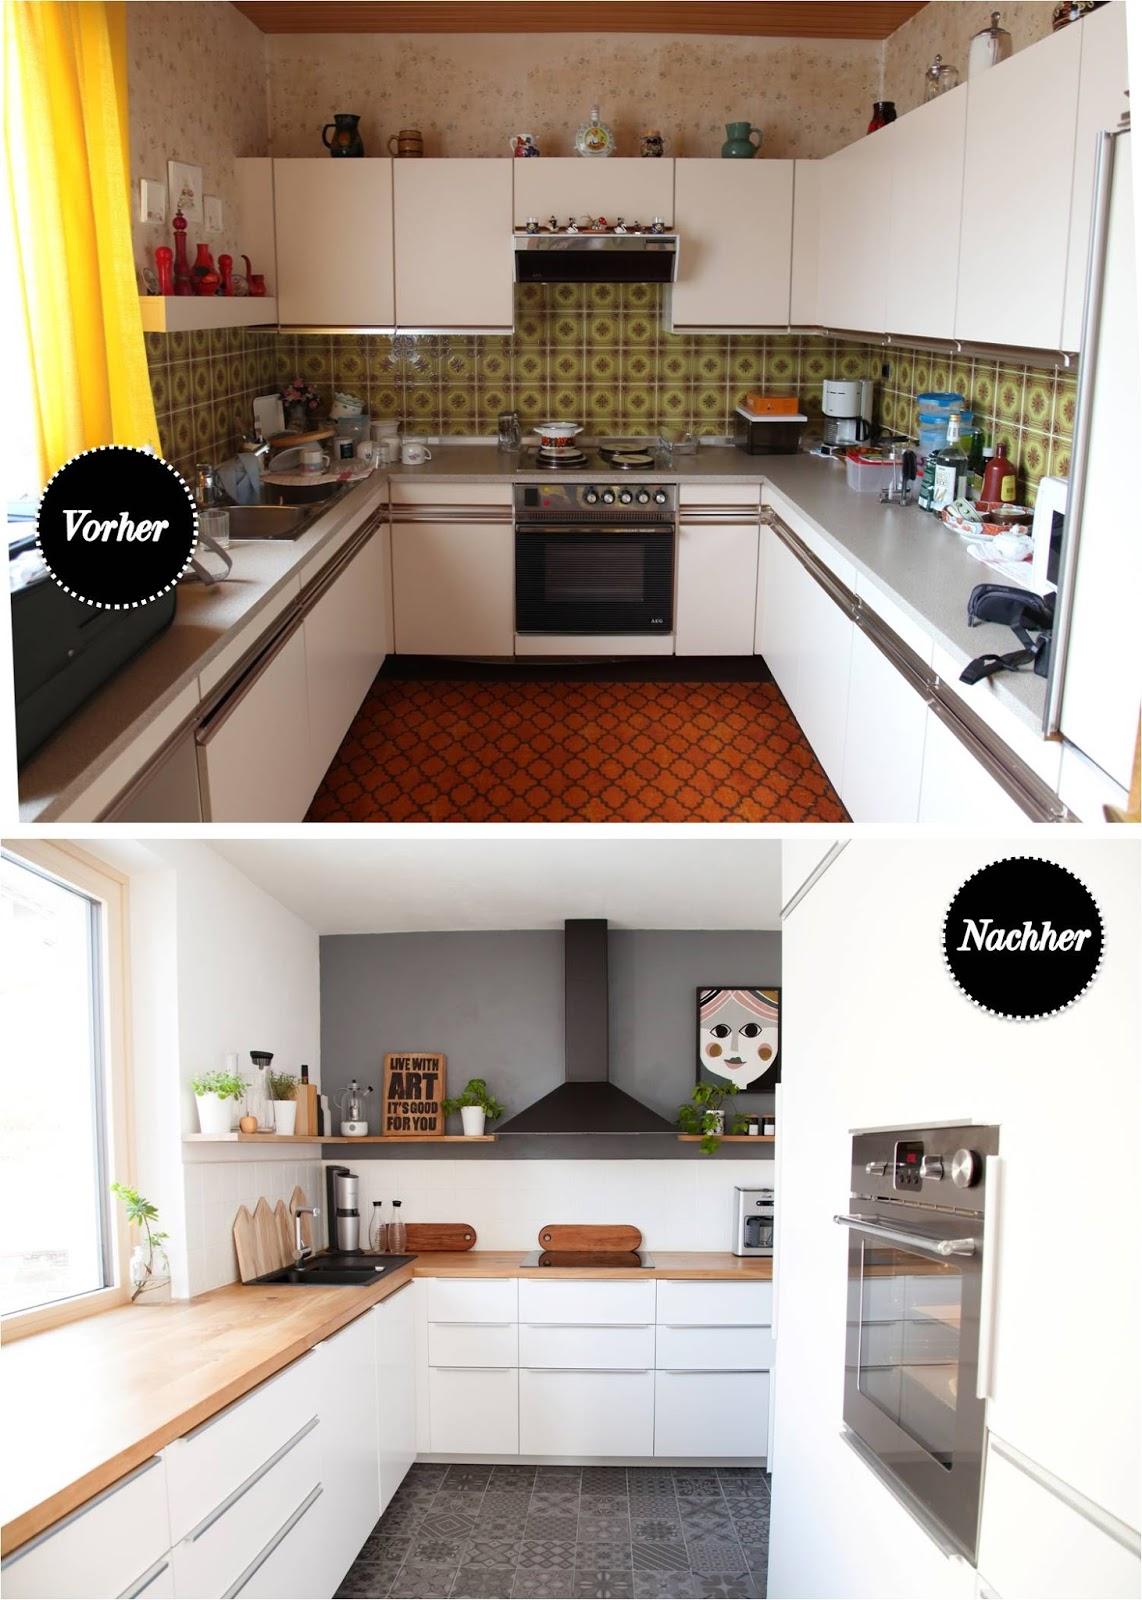 Vorher-Nachher: Unsere Traum-Küche unter 20 Euro / WOHN:PROJEKT